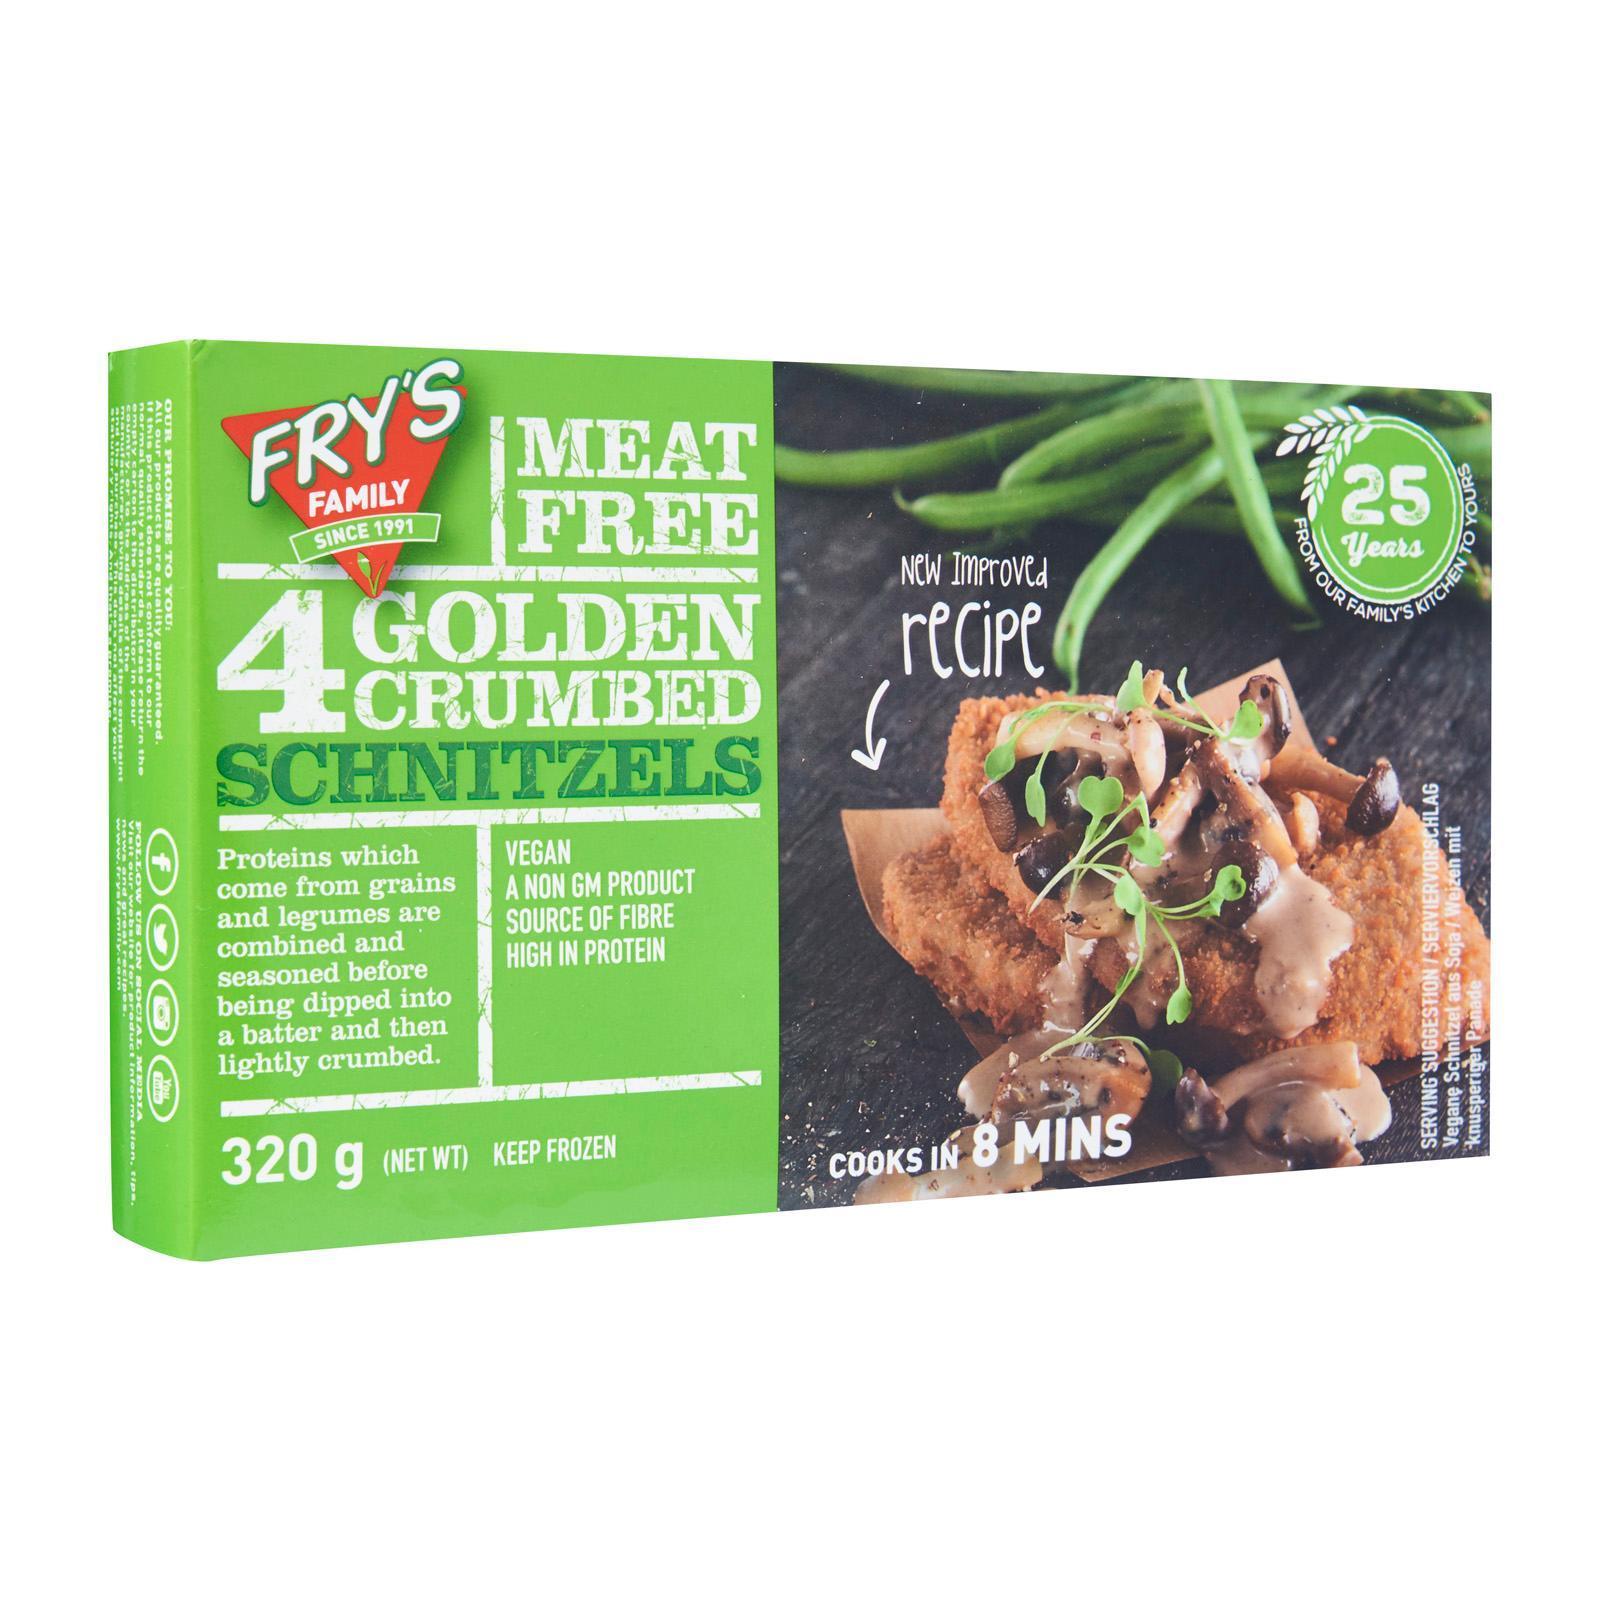 Frys Meat Free Crumbed Schnitzel - Frozen By Redmart.